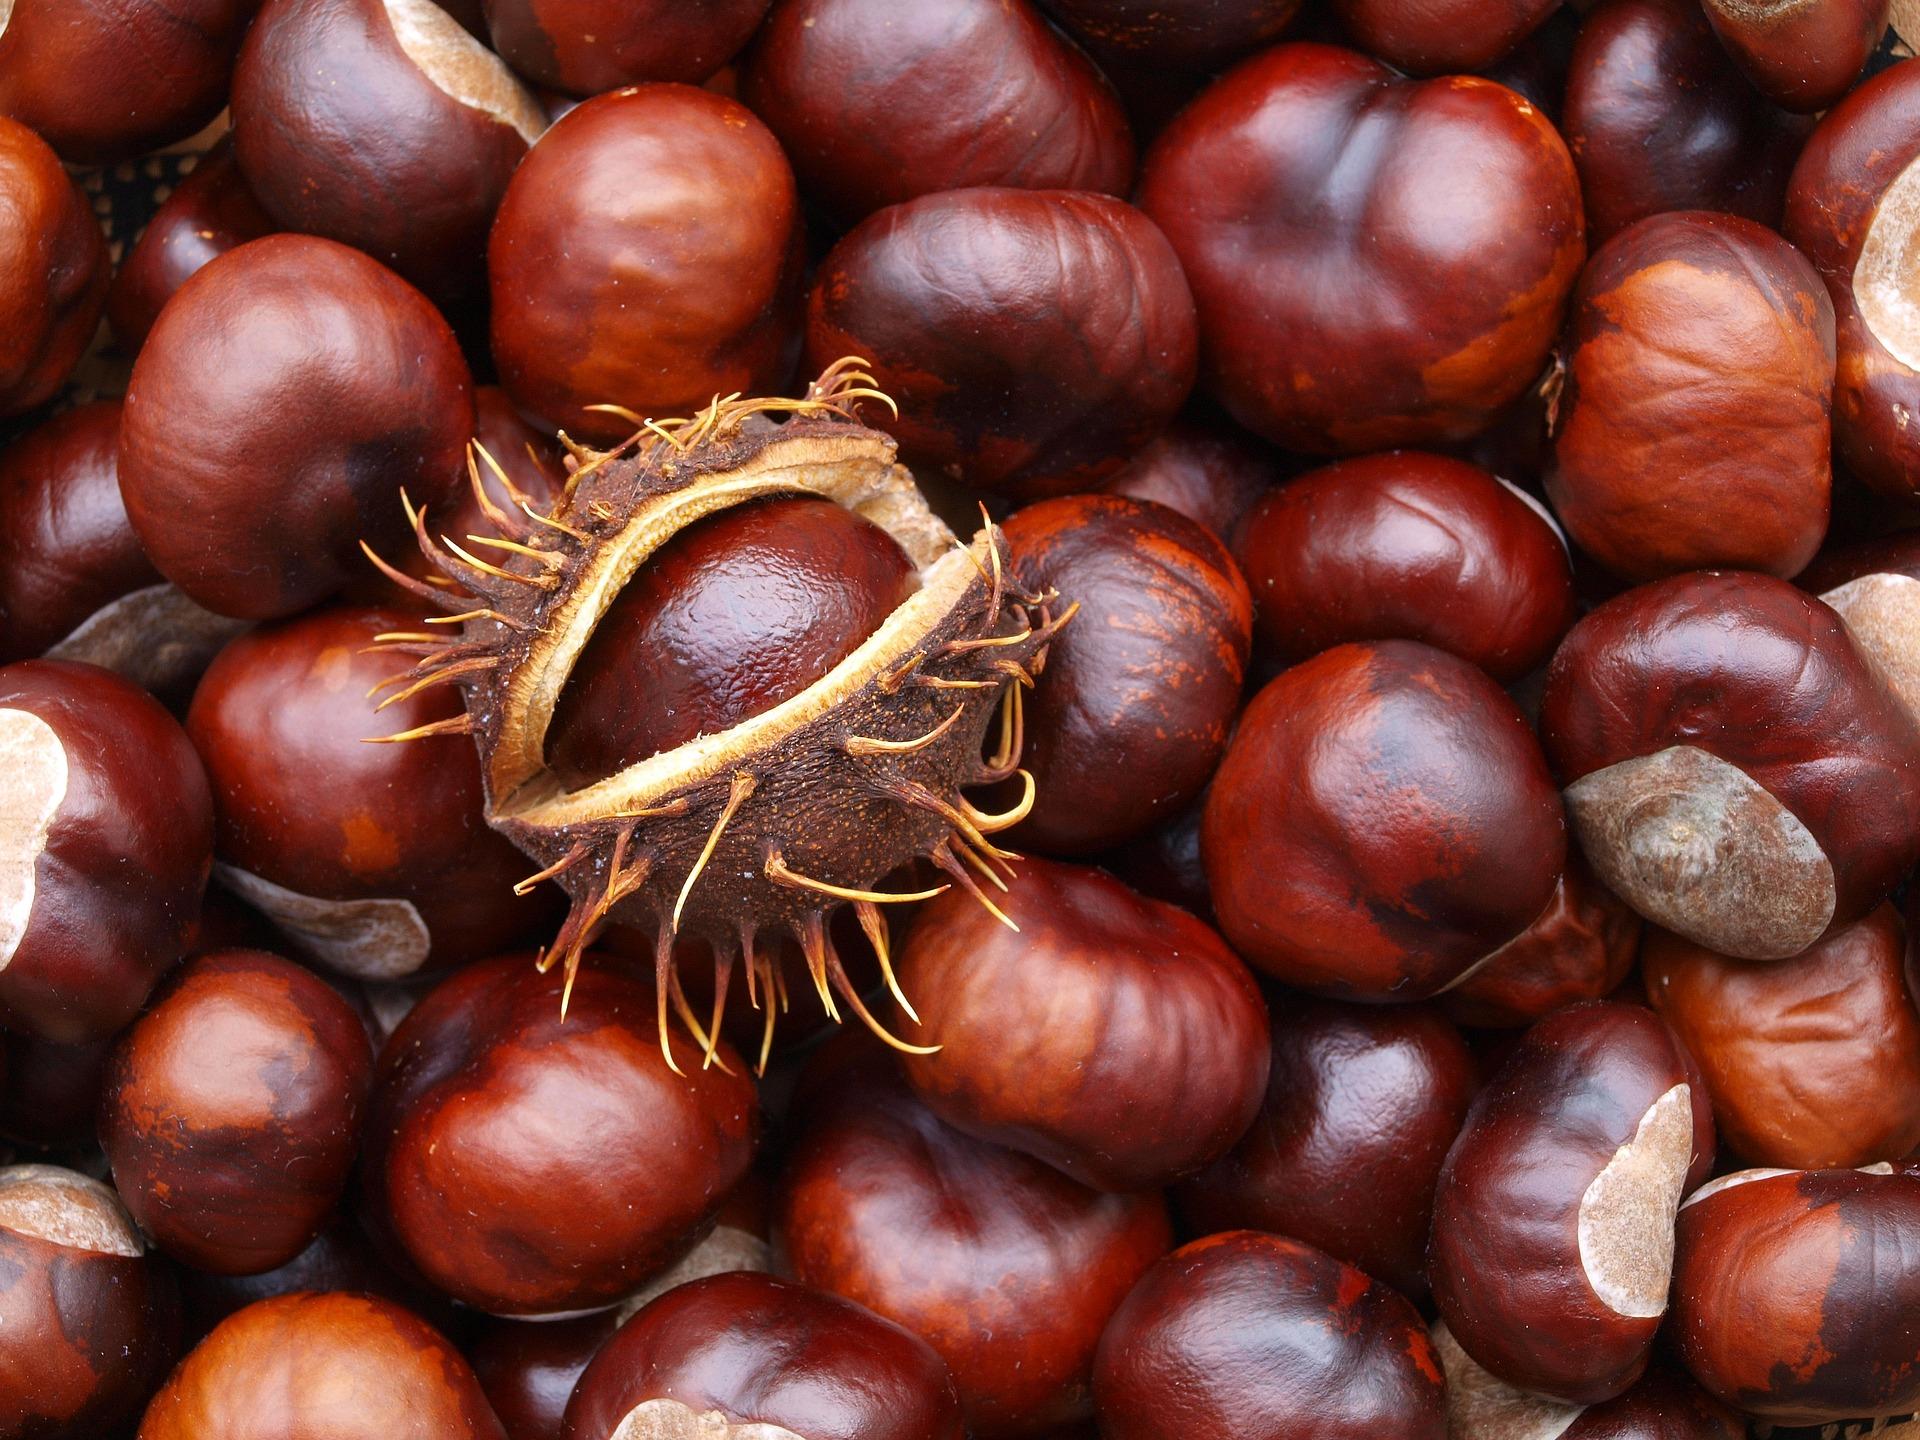 Nierenreinigung - Gesundheit für Nieren&Blase blasenentzuendungheilen Blasenentzündung Cystitis Harnwegsinfekt Nieren essen für die Nieren Maroni